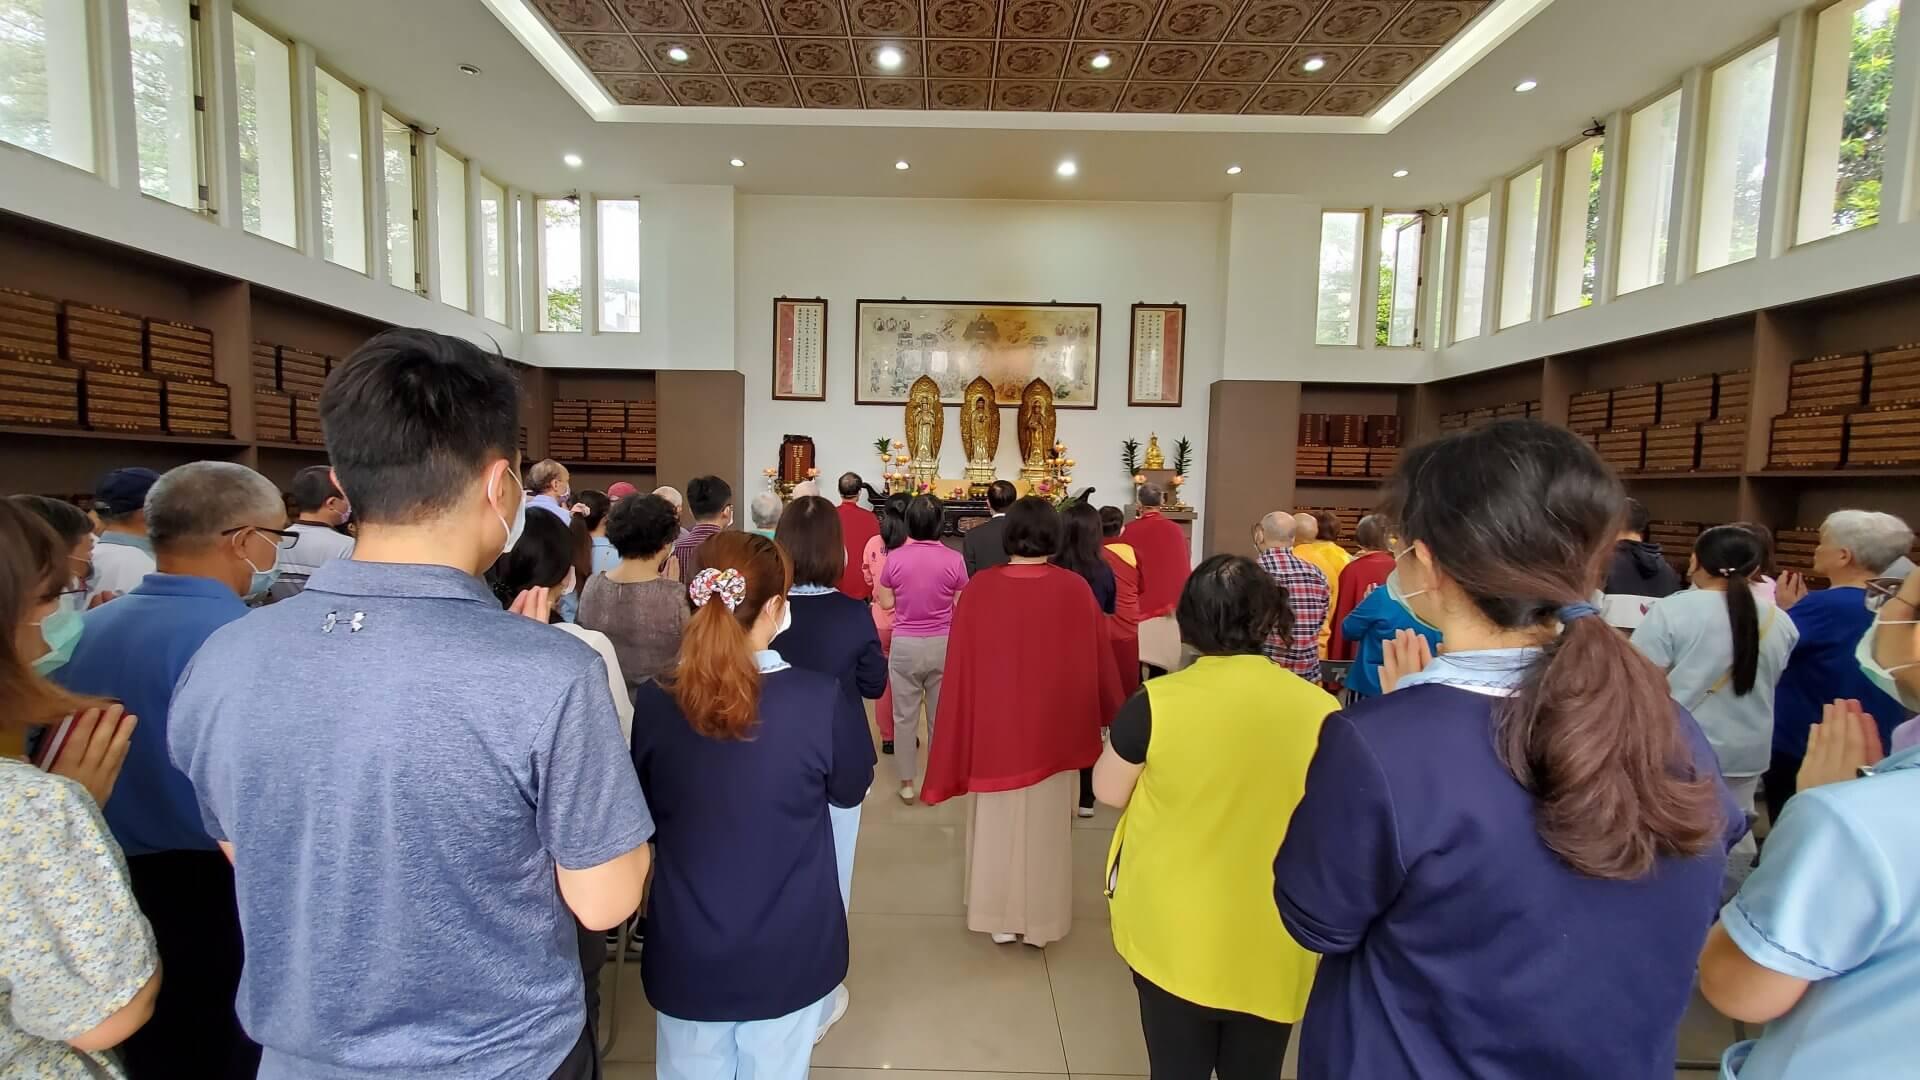 板橋榮家清明超薦法會,師兄姊們帶領大眾恭敬虔誠誦經